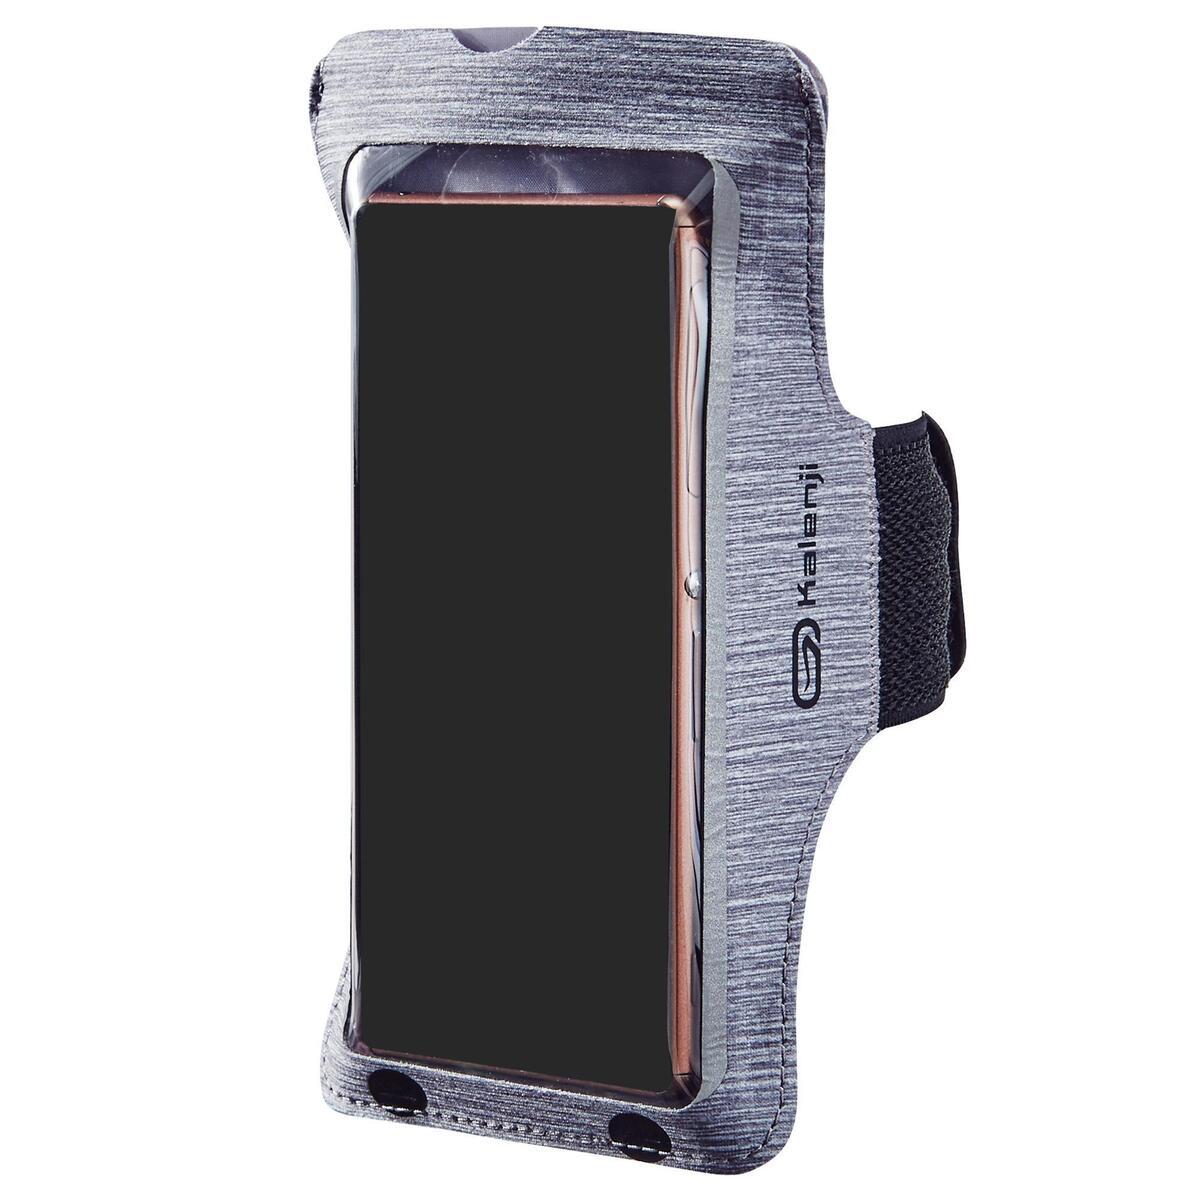 Bild 1 von Laufarmband für große Smartphones grau